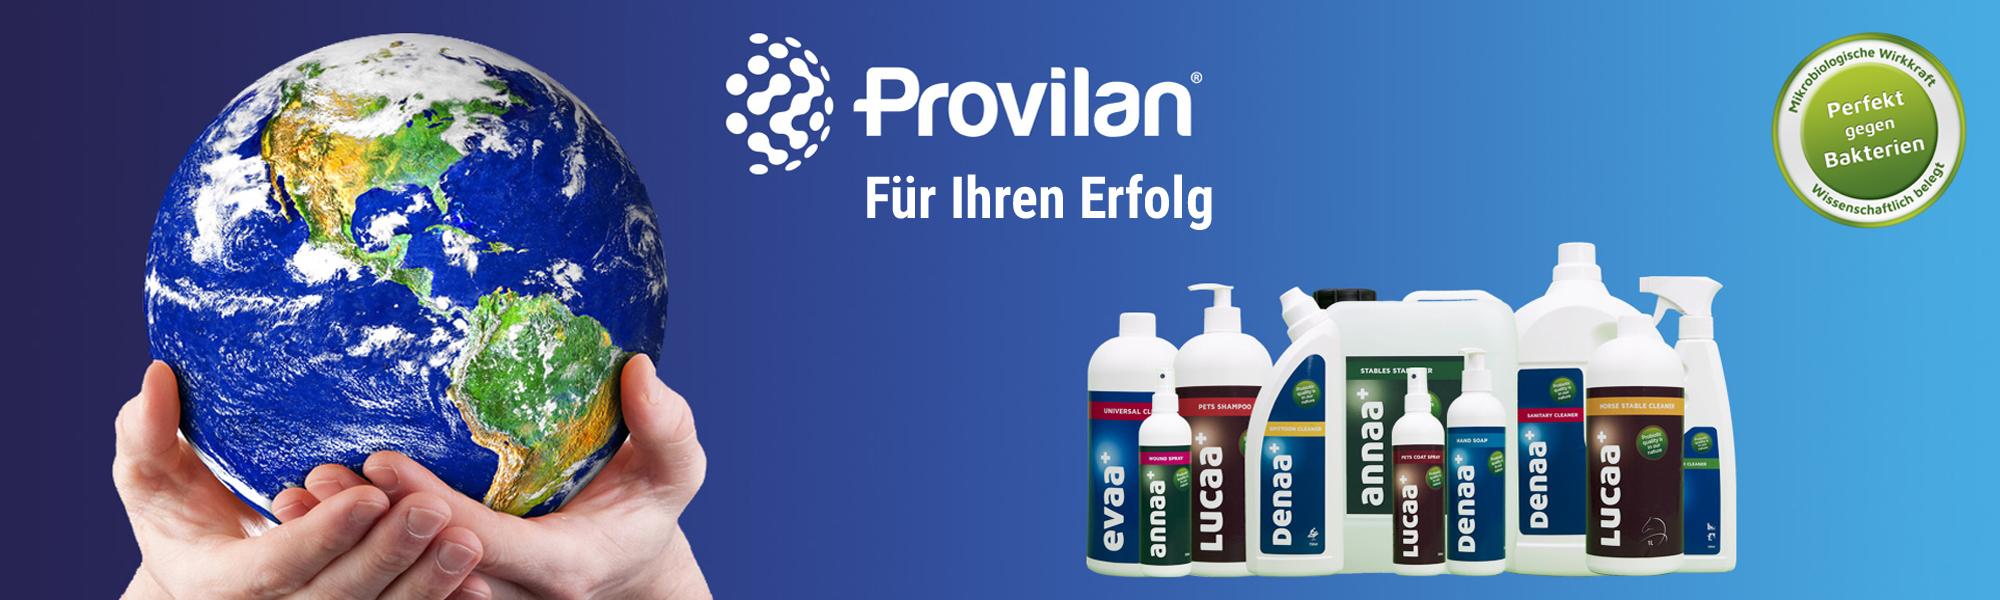 Provilan. Ein erfolgreiches Konzept.